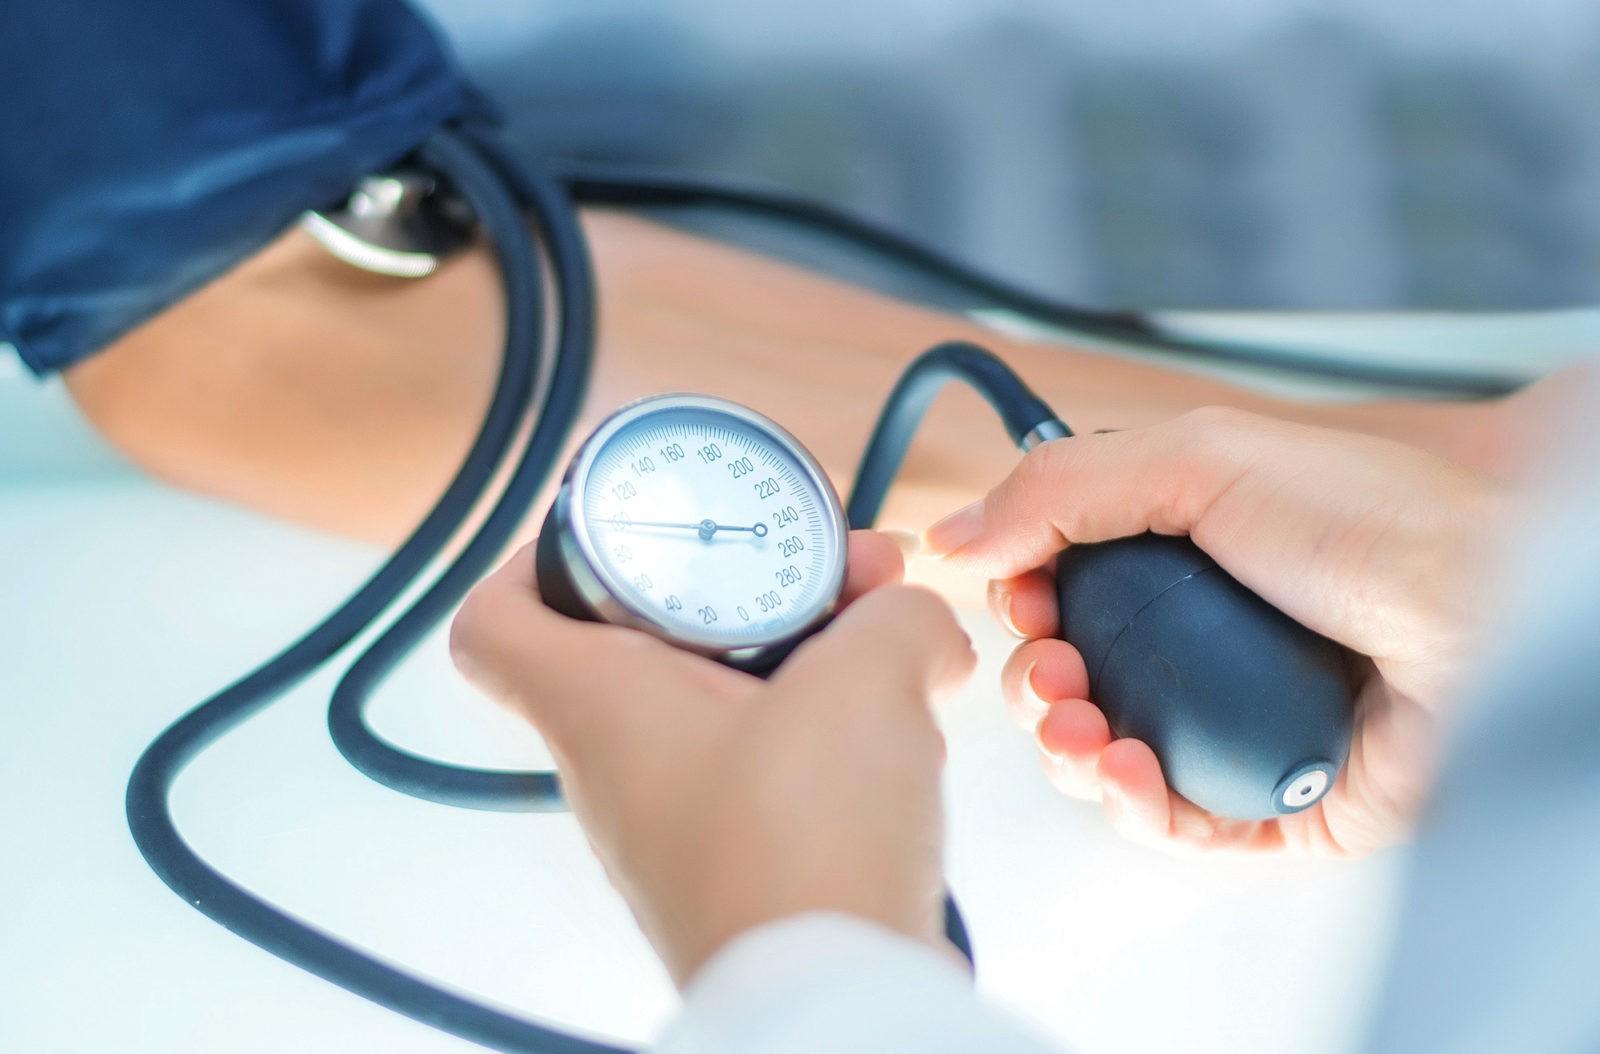 Артериальное давление: гипотония